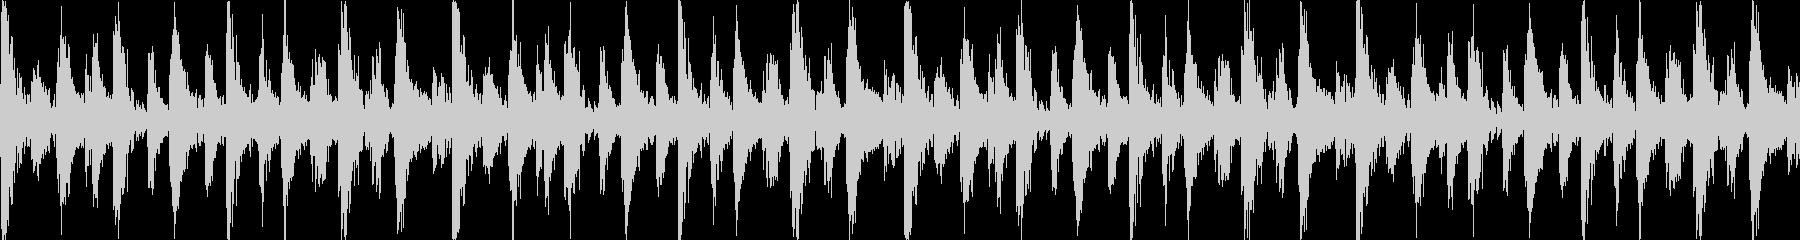 民族ジャングルBGM_LOOPの未再生の波形